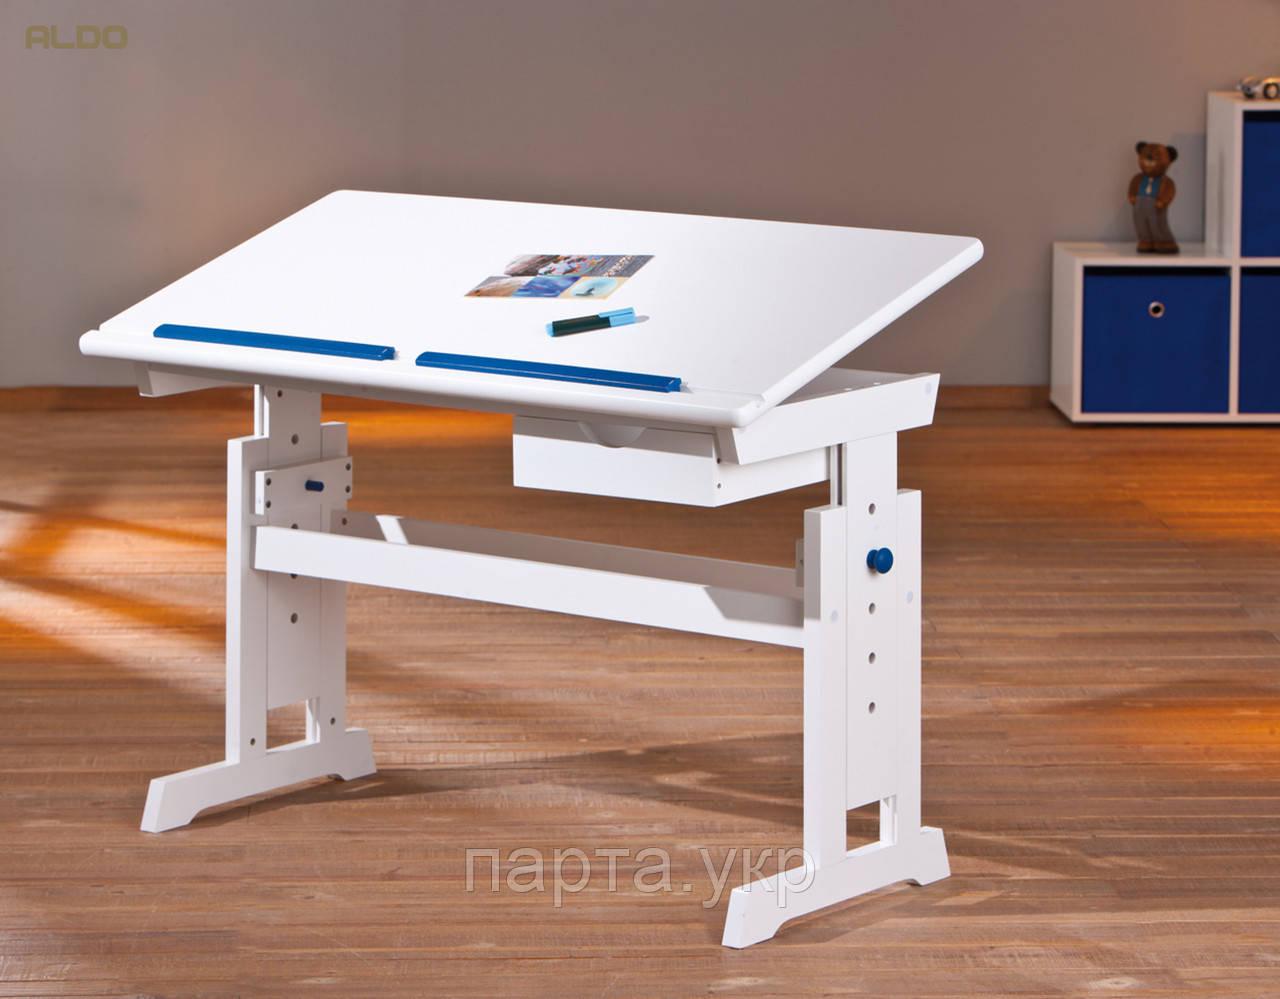 Письмовий стіл з регулюванням висоти і нахилу стільниці, білий